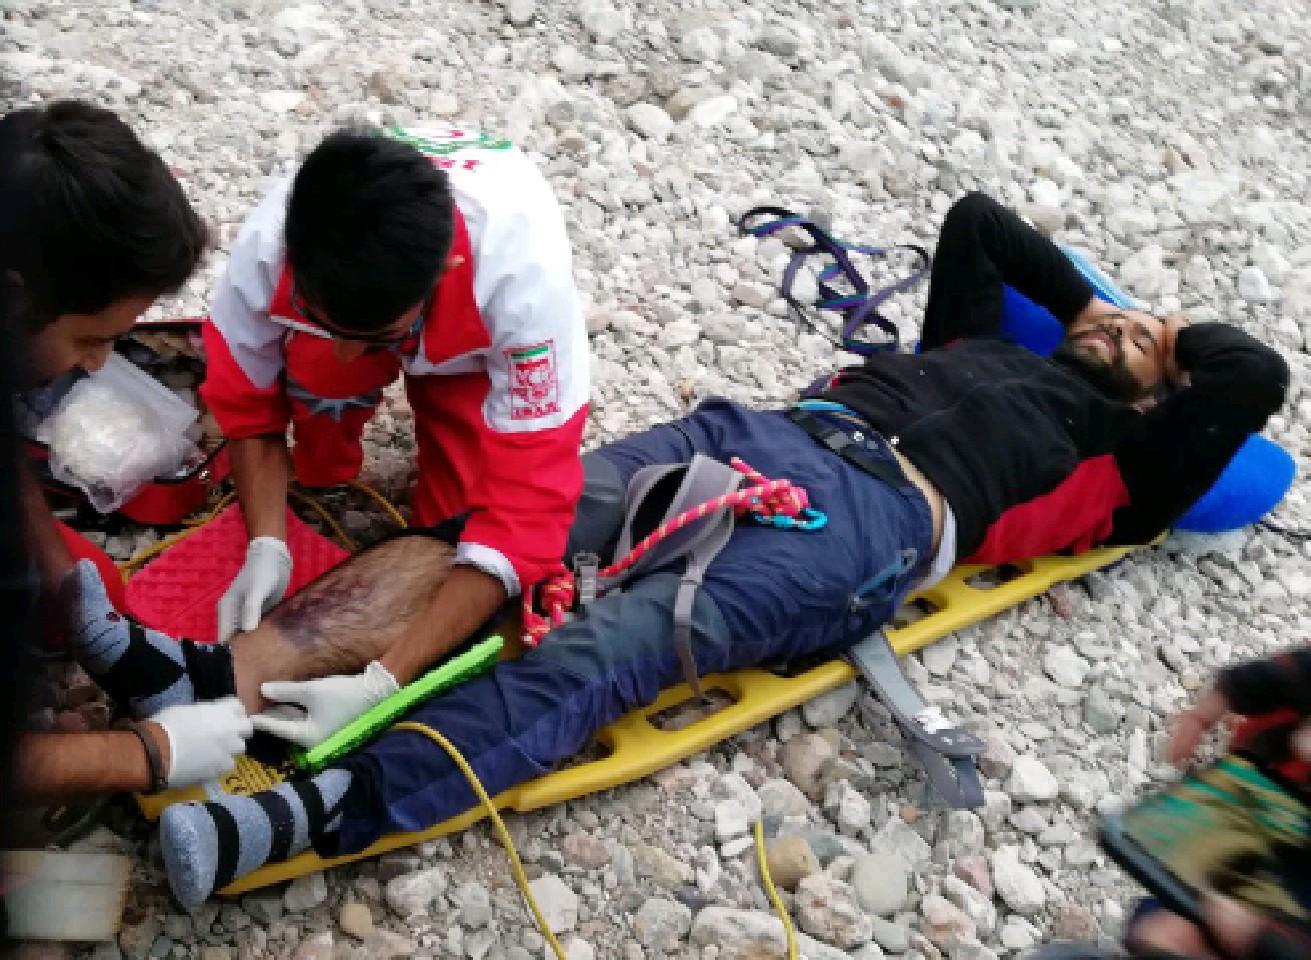 امدادرسانی در کوههای سه شاخ جوپار توسط نجاتگران کرمان